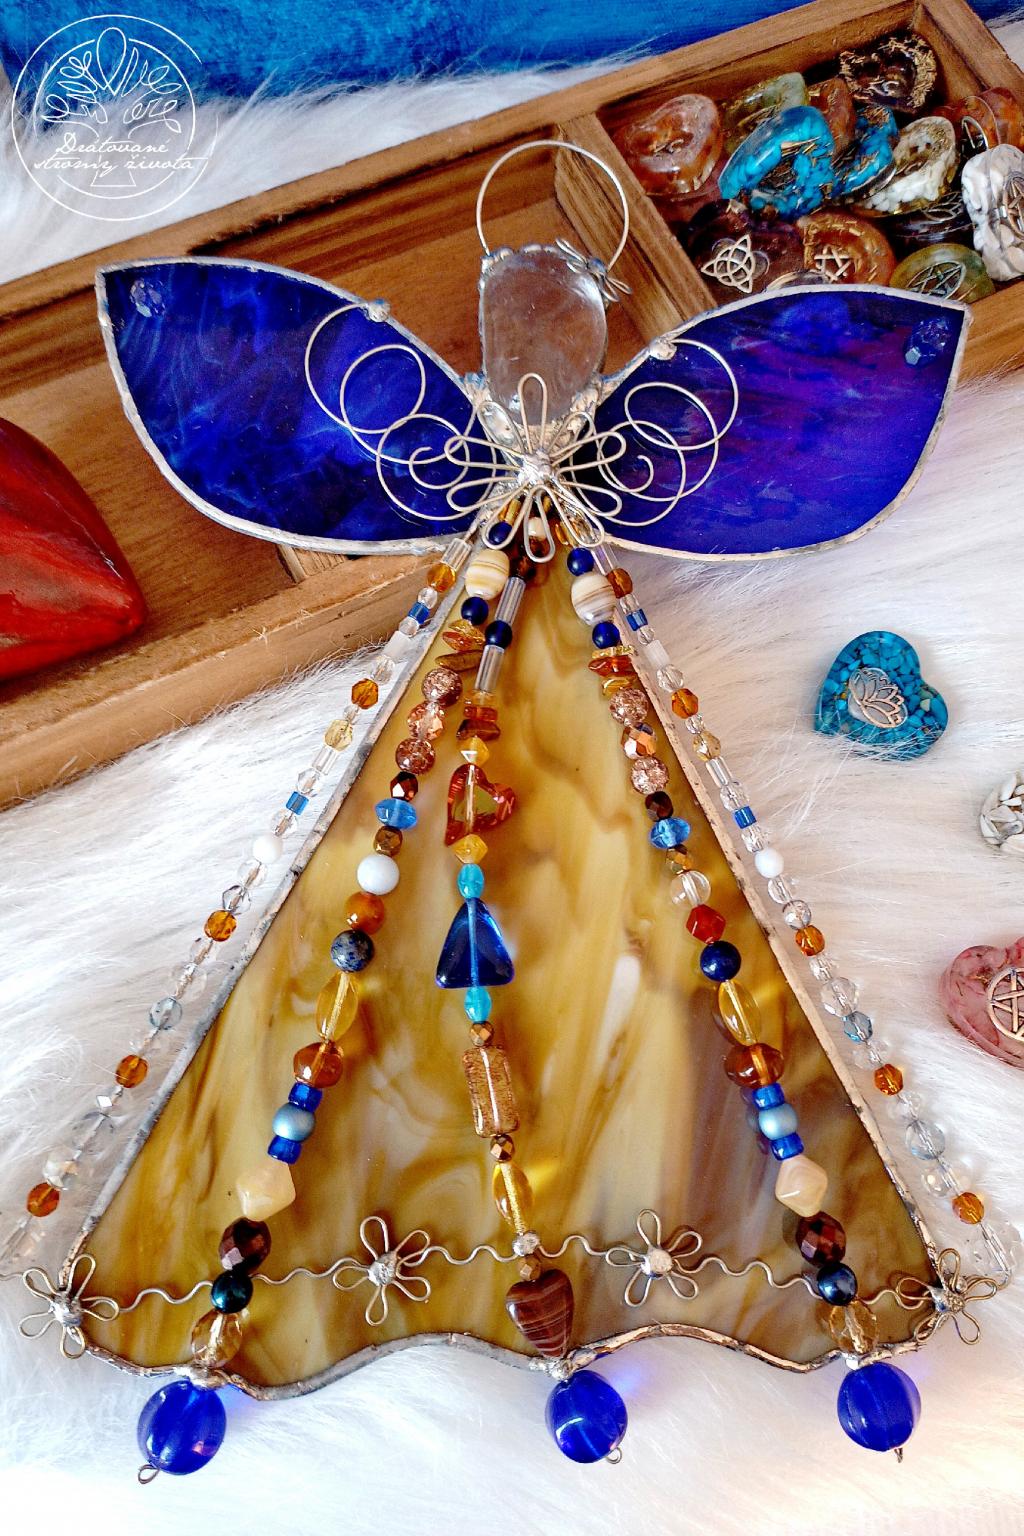 Andělská vitráž Raduj se se mnou 30cm